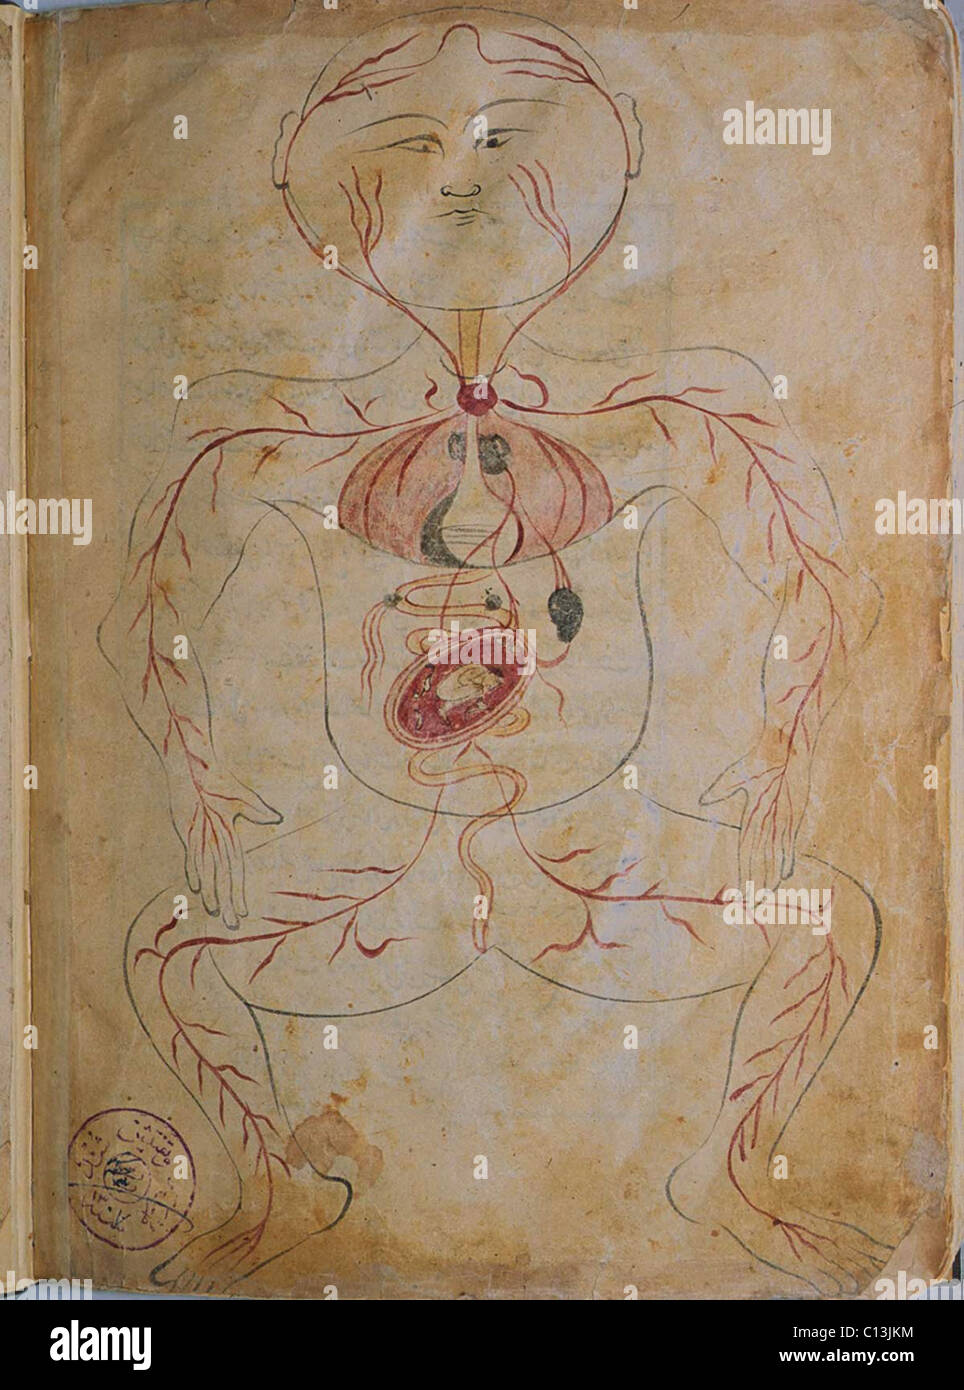 Historical Anatomy Stockfotos & Historical Anatomy Bilder - Alamy